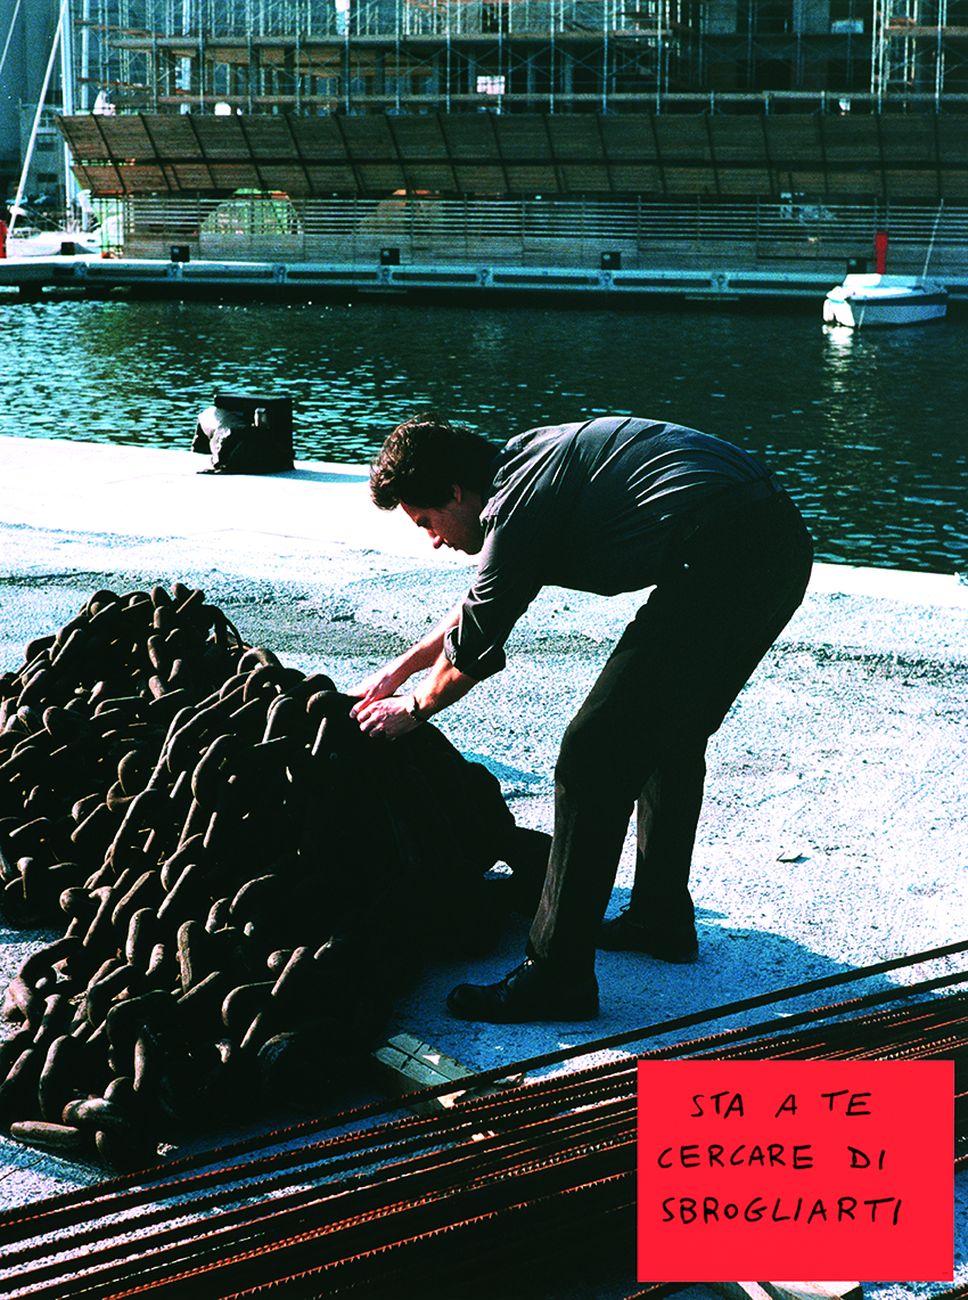 Cesare Viel, Esterni di sé, 1998